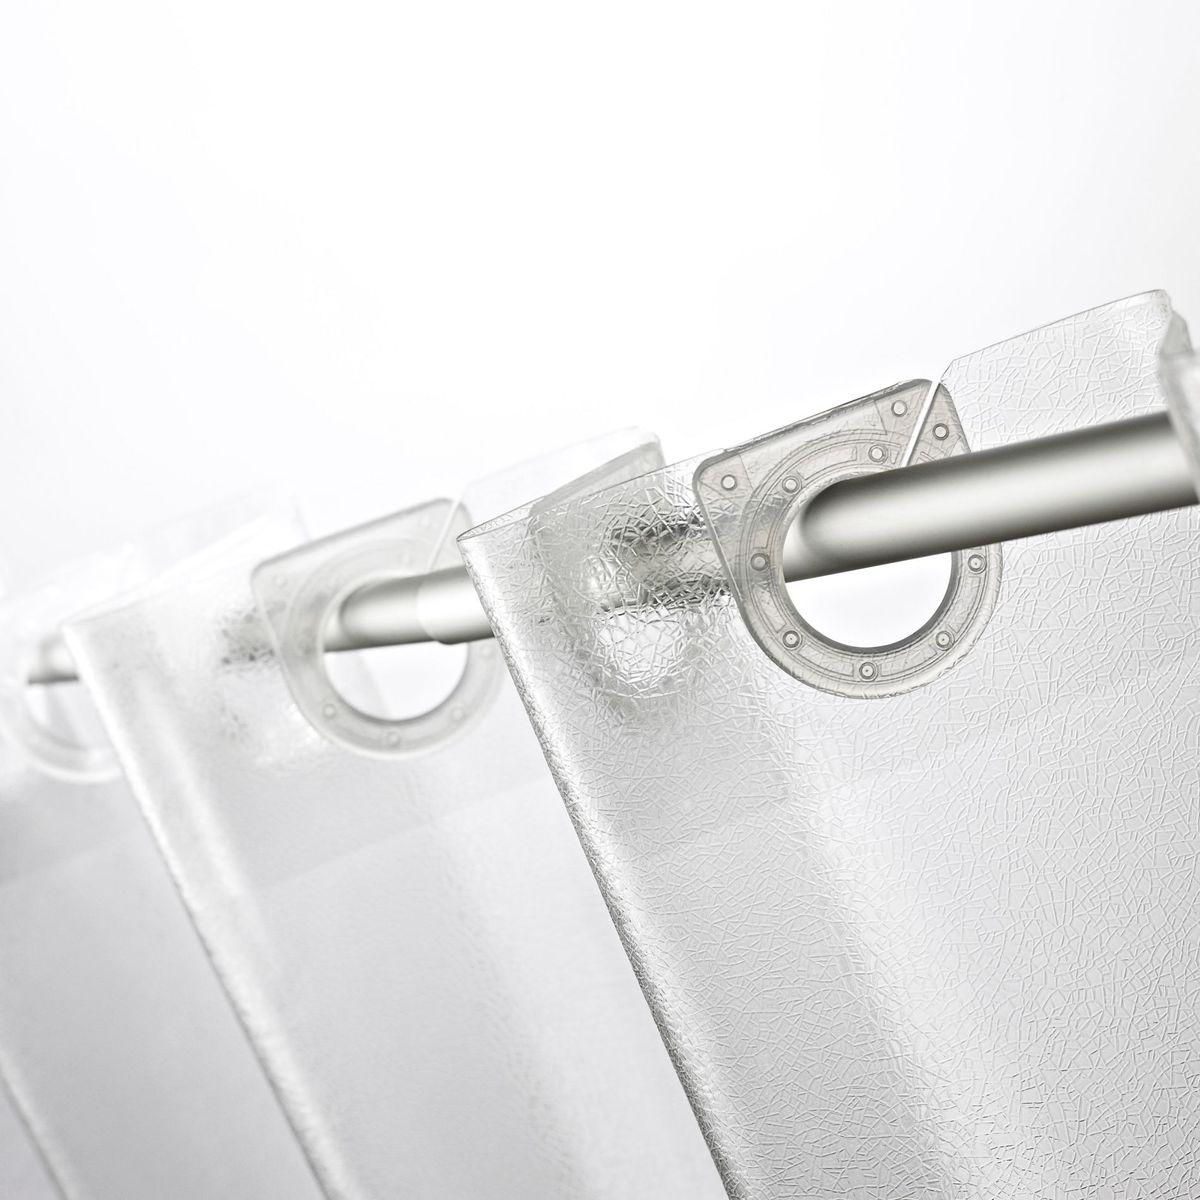 Штора для ванной комнаты Ridder Crashed Ice, 180 х 200 см35830Высококачественная немецкая штора для душа создает прекрасное настроение.Продукты из эколена не имеют запаха и считаются экологически чистыми.Ручная стирка. Не гладить.